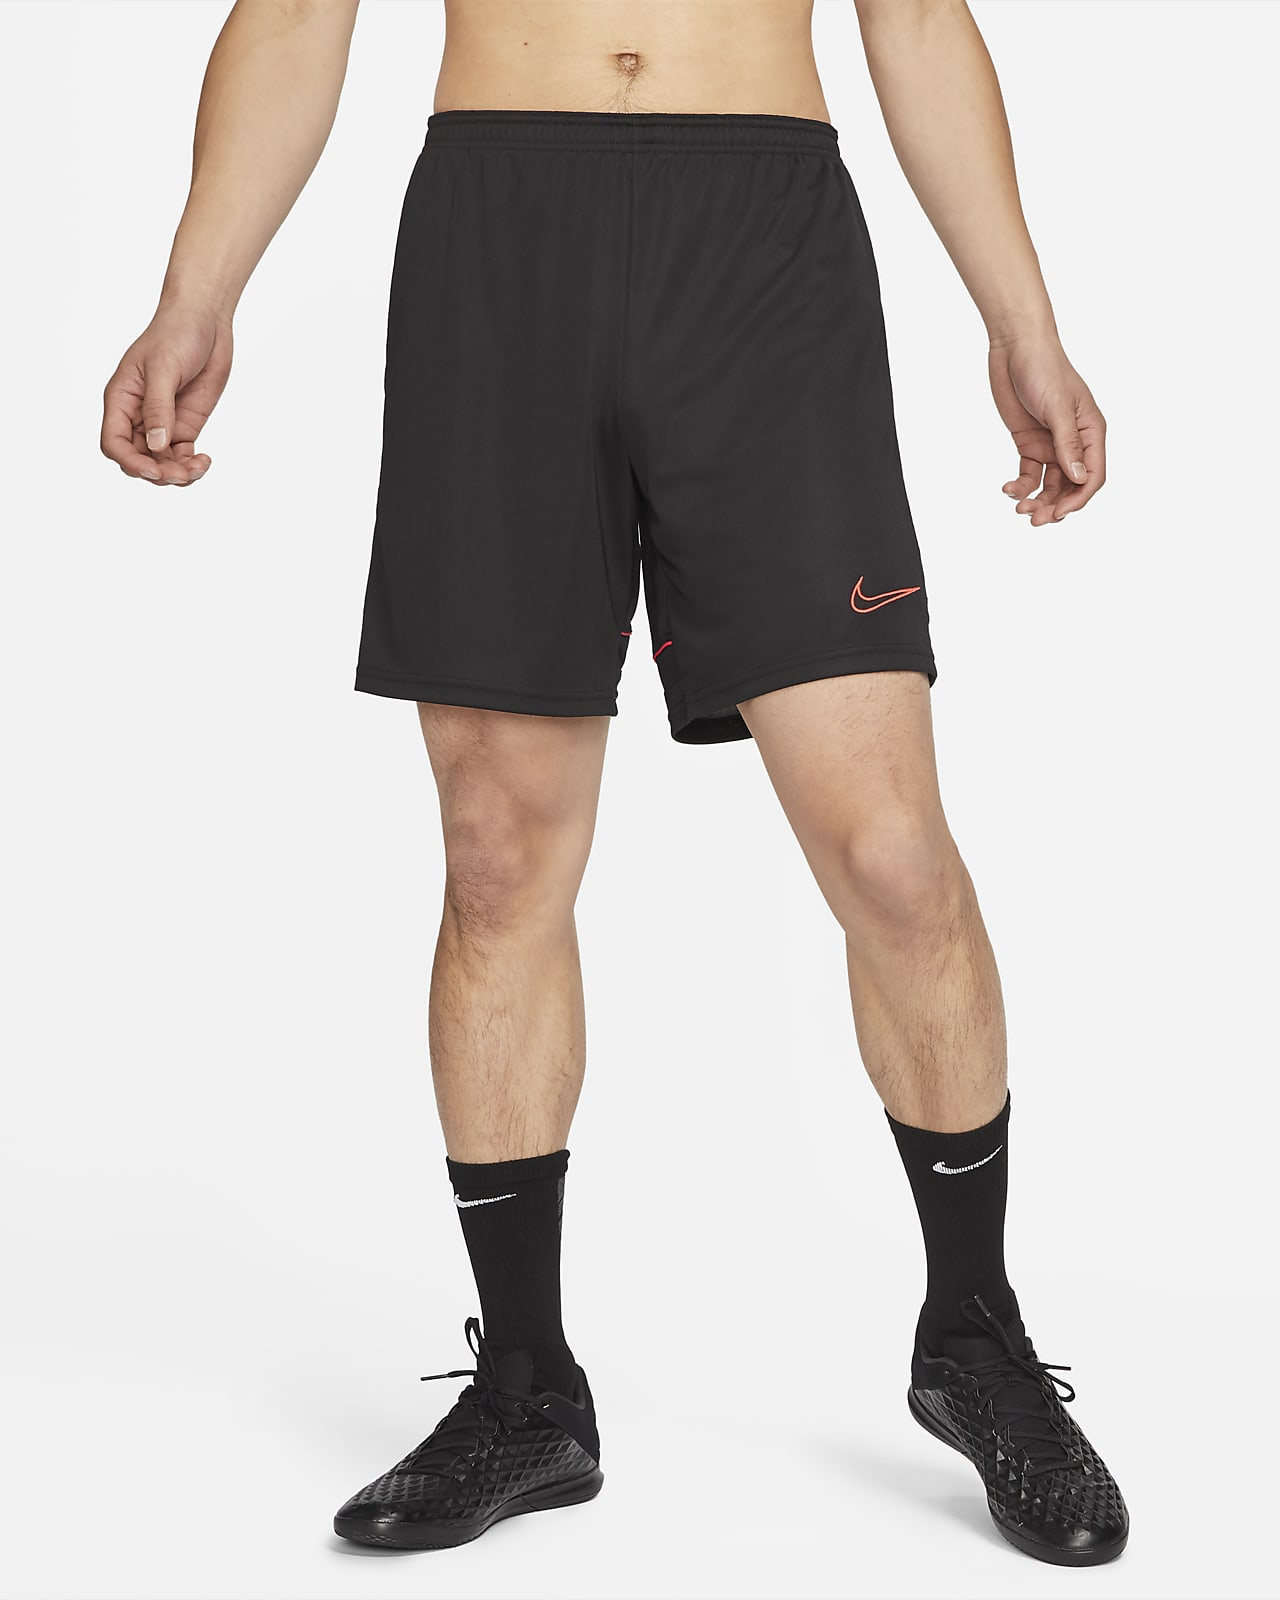 กางเกงฟุตบอลขาสั้นแบบถักผู้ชาย Nike Dri-FIT Academy